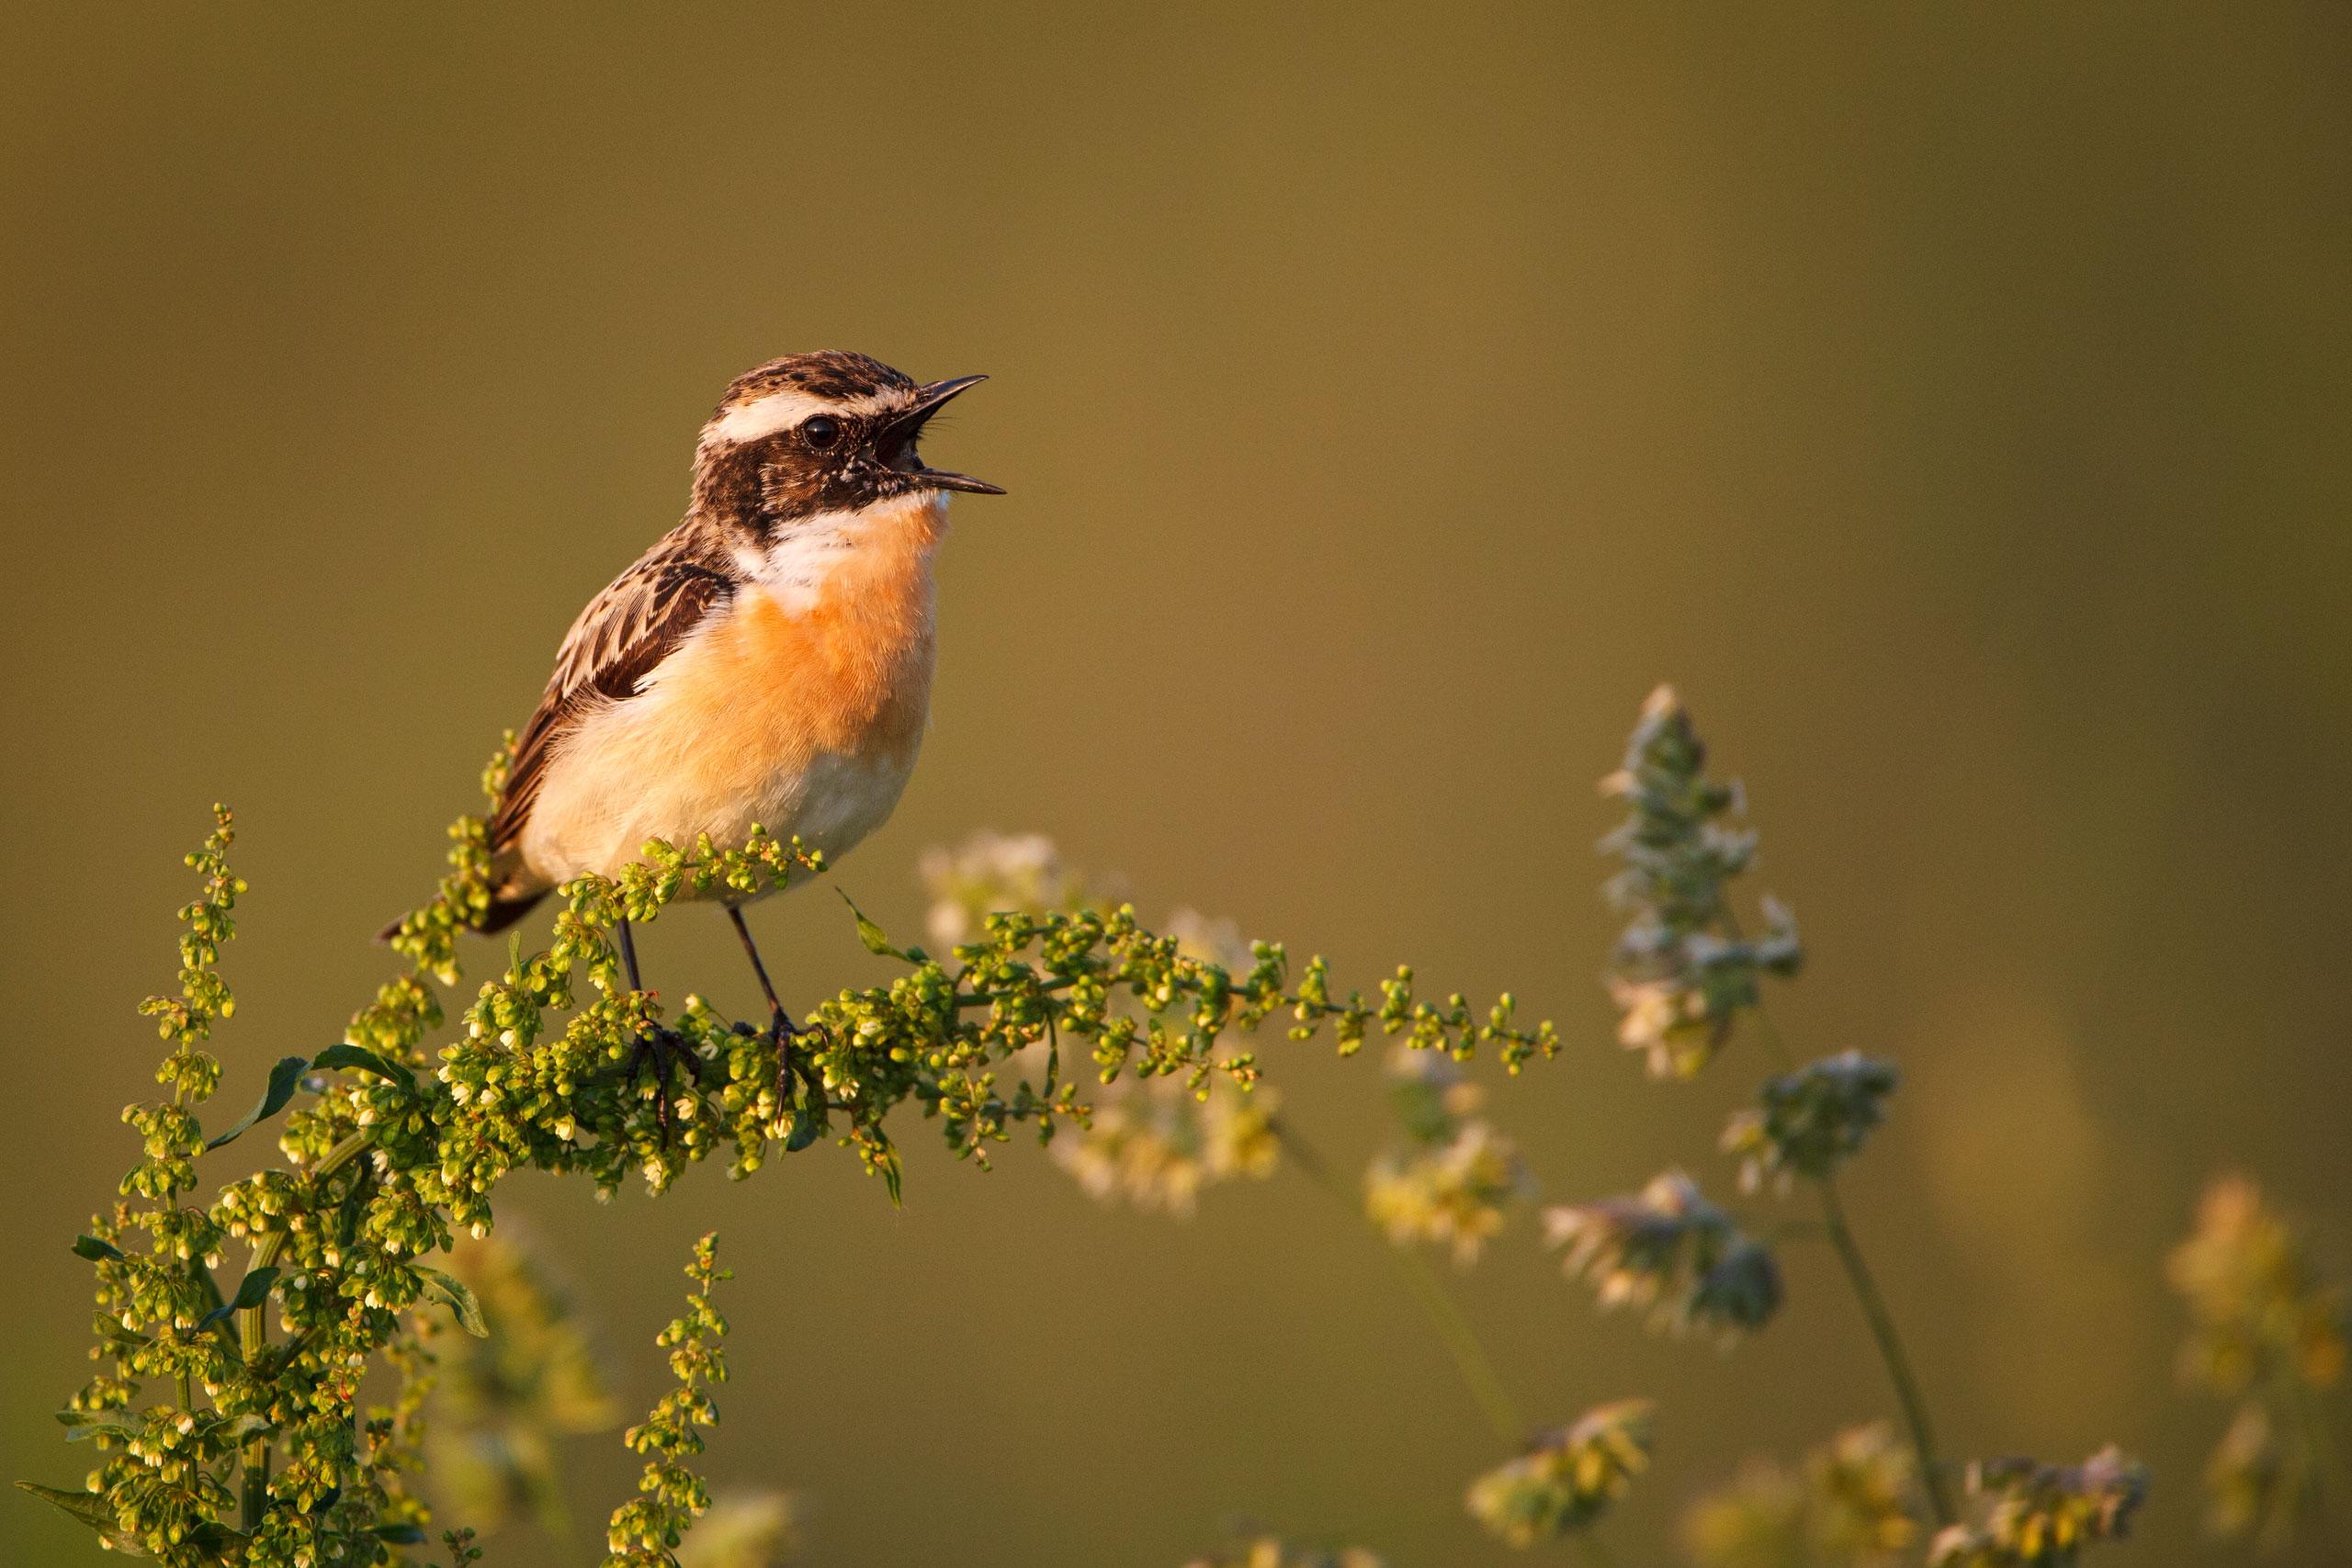 Tom_Schueler_Fotografie_Wildlife_Birds_15